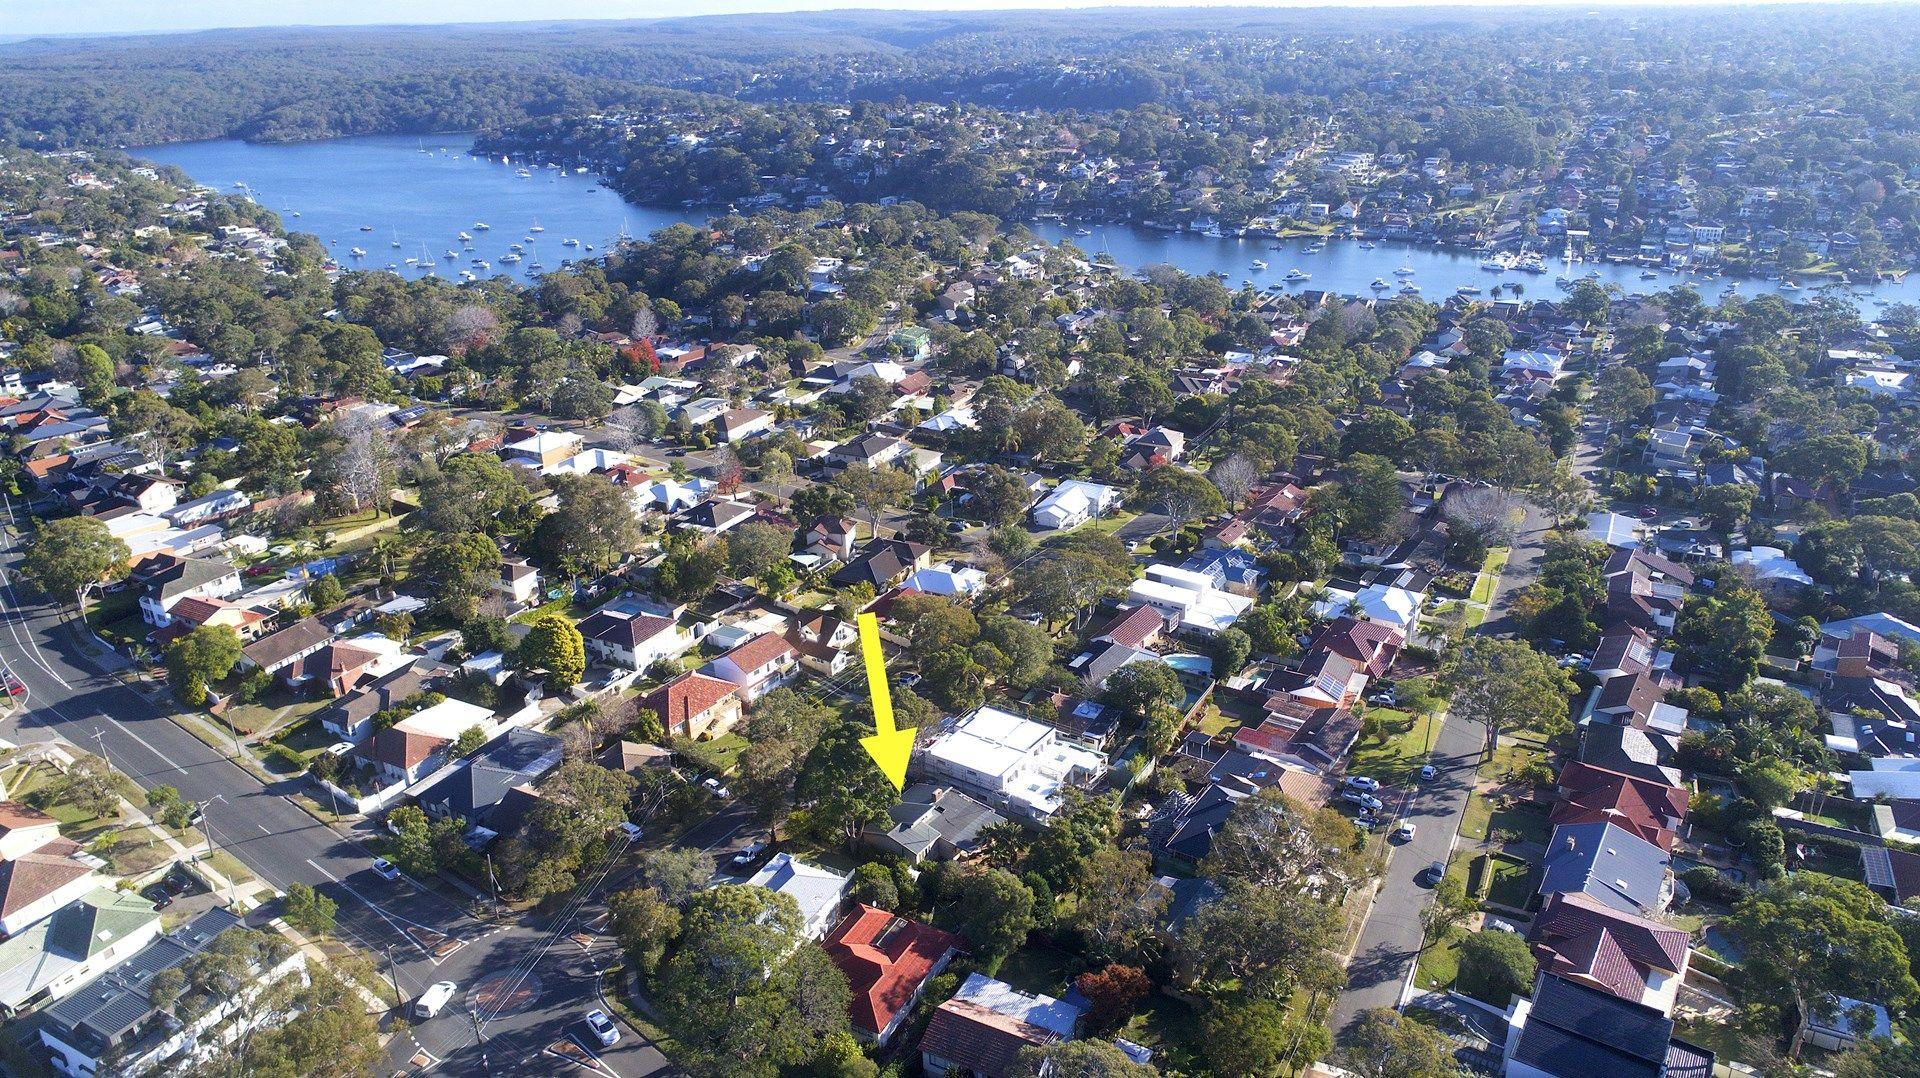 305 Burraneer Bay Road, Caringbah South NSW 2229, Image 0